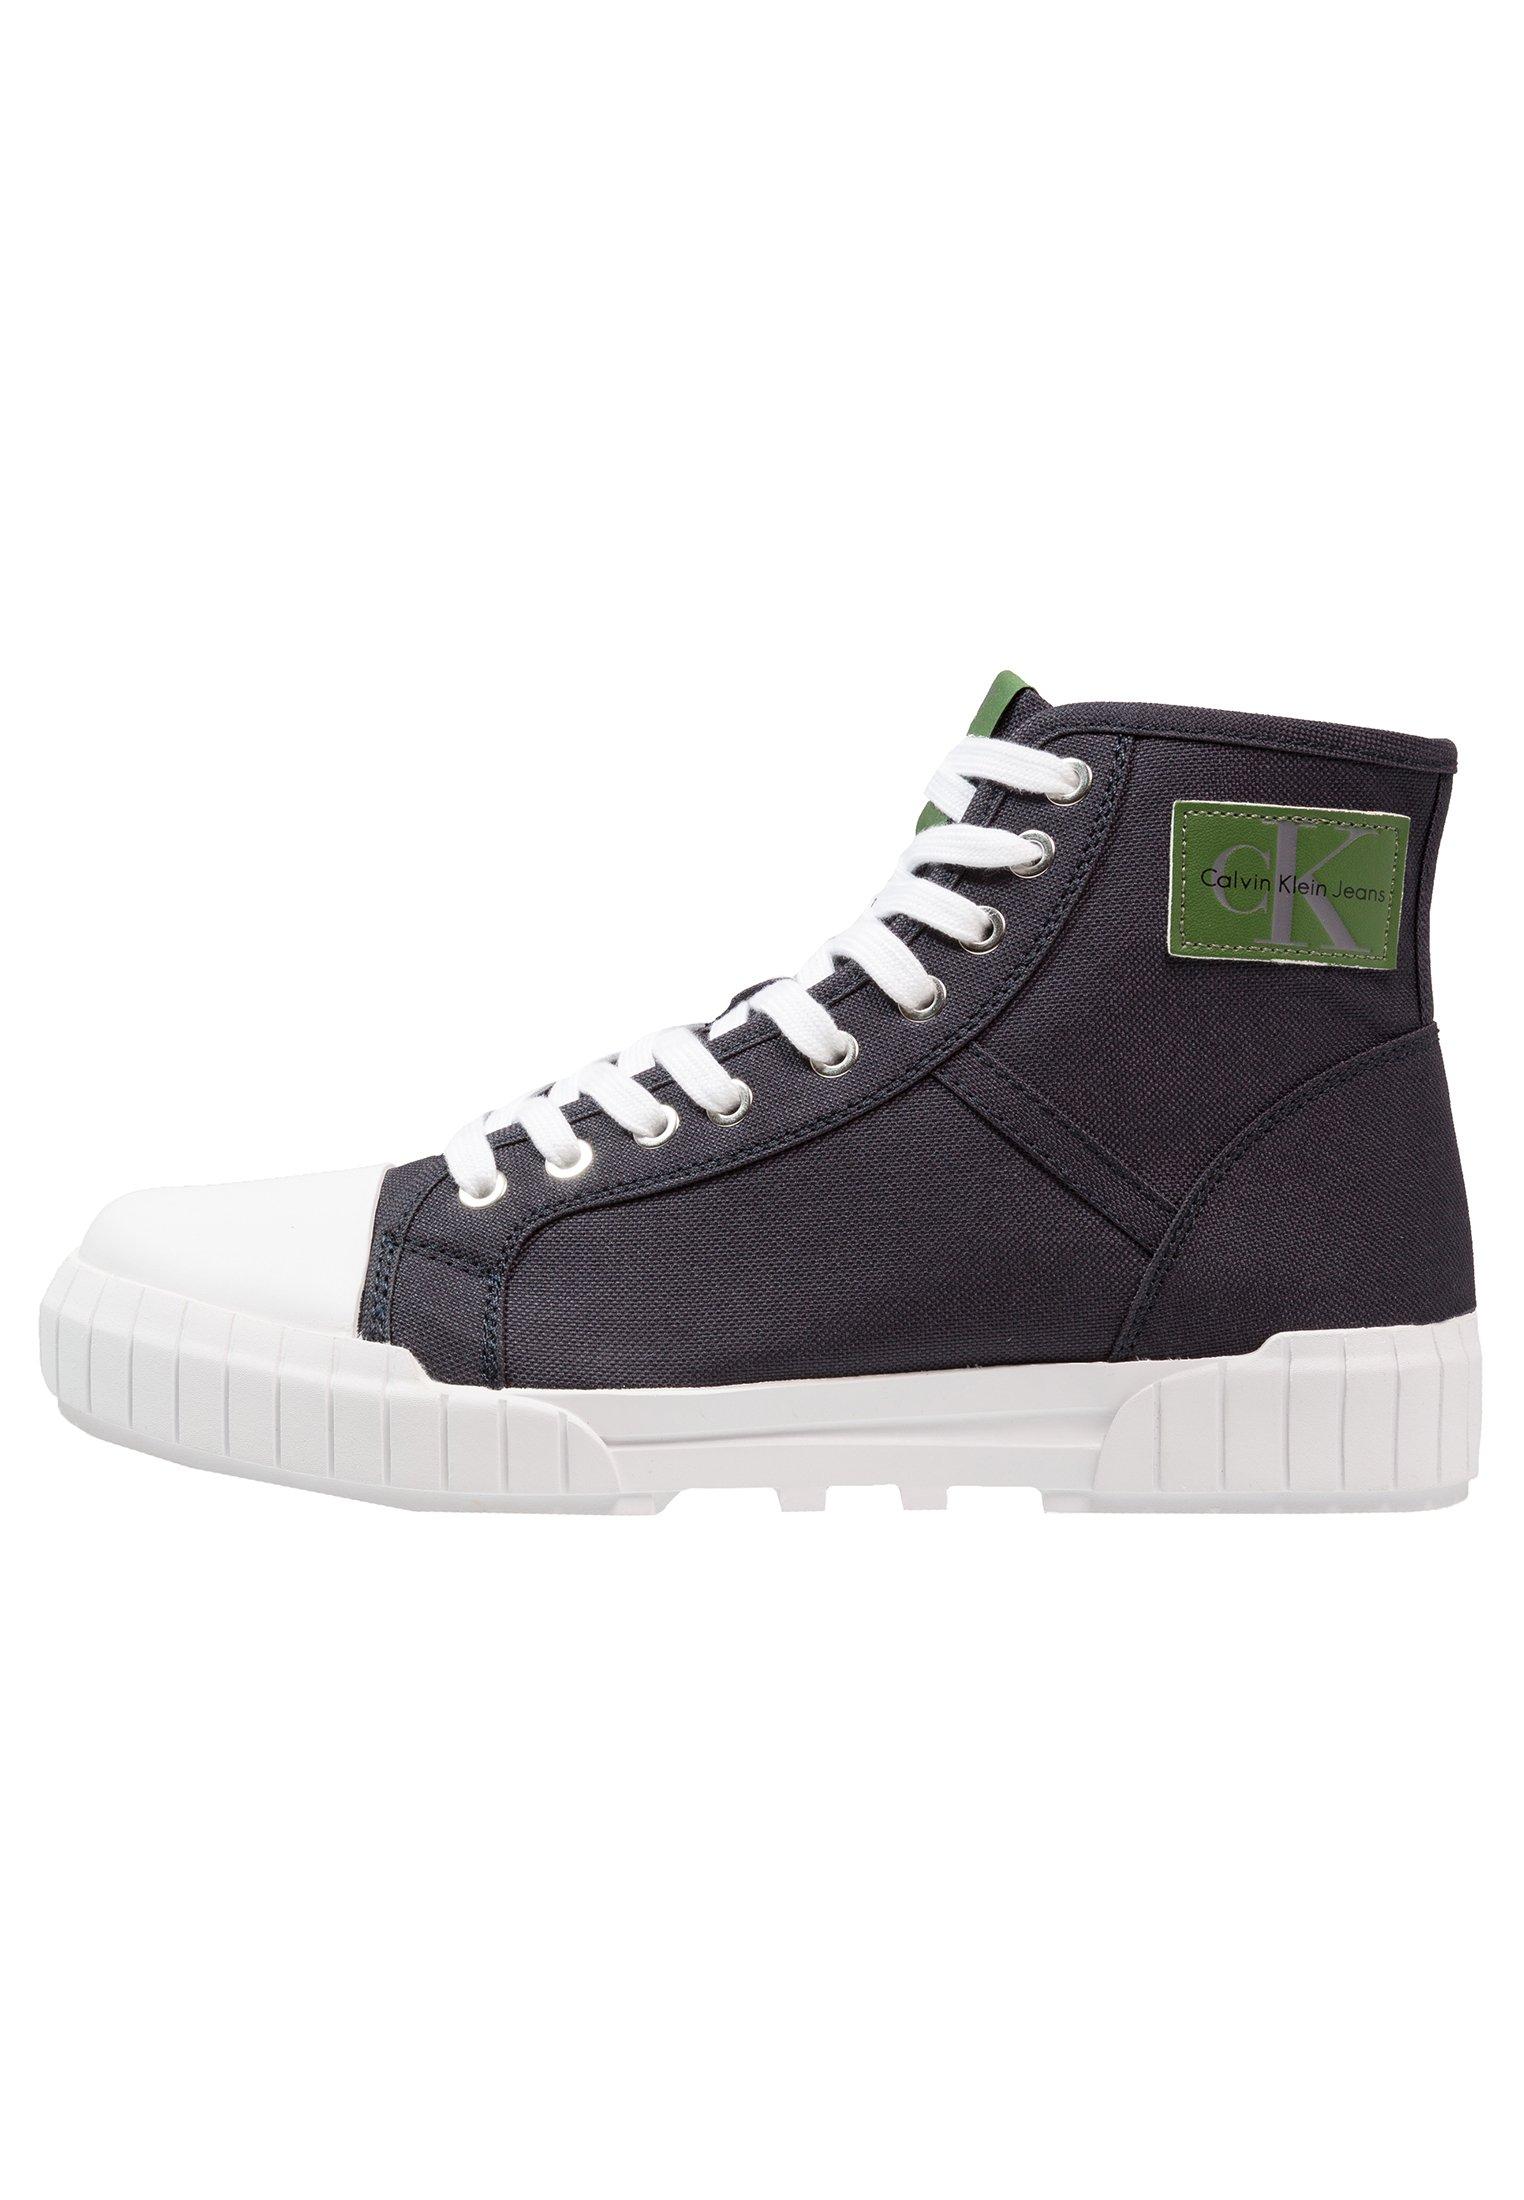 8238d5ae732 Calvin Klein Jeans Indigo 850121. Nové Calvin ...